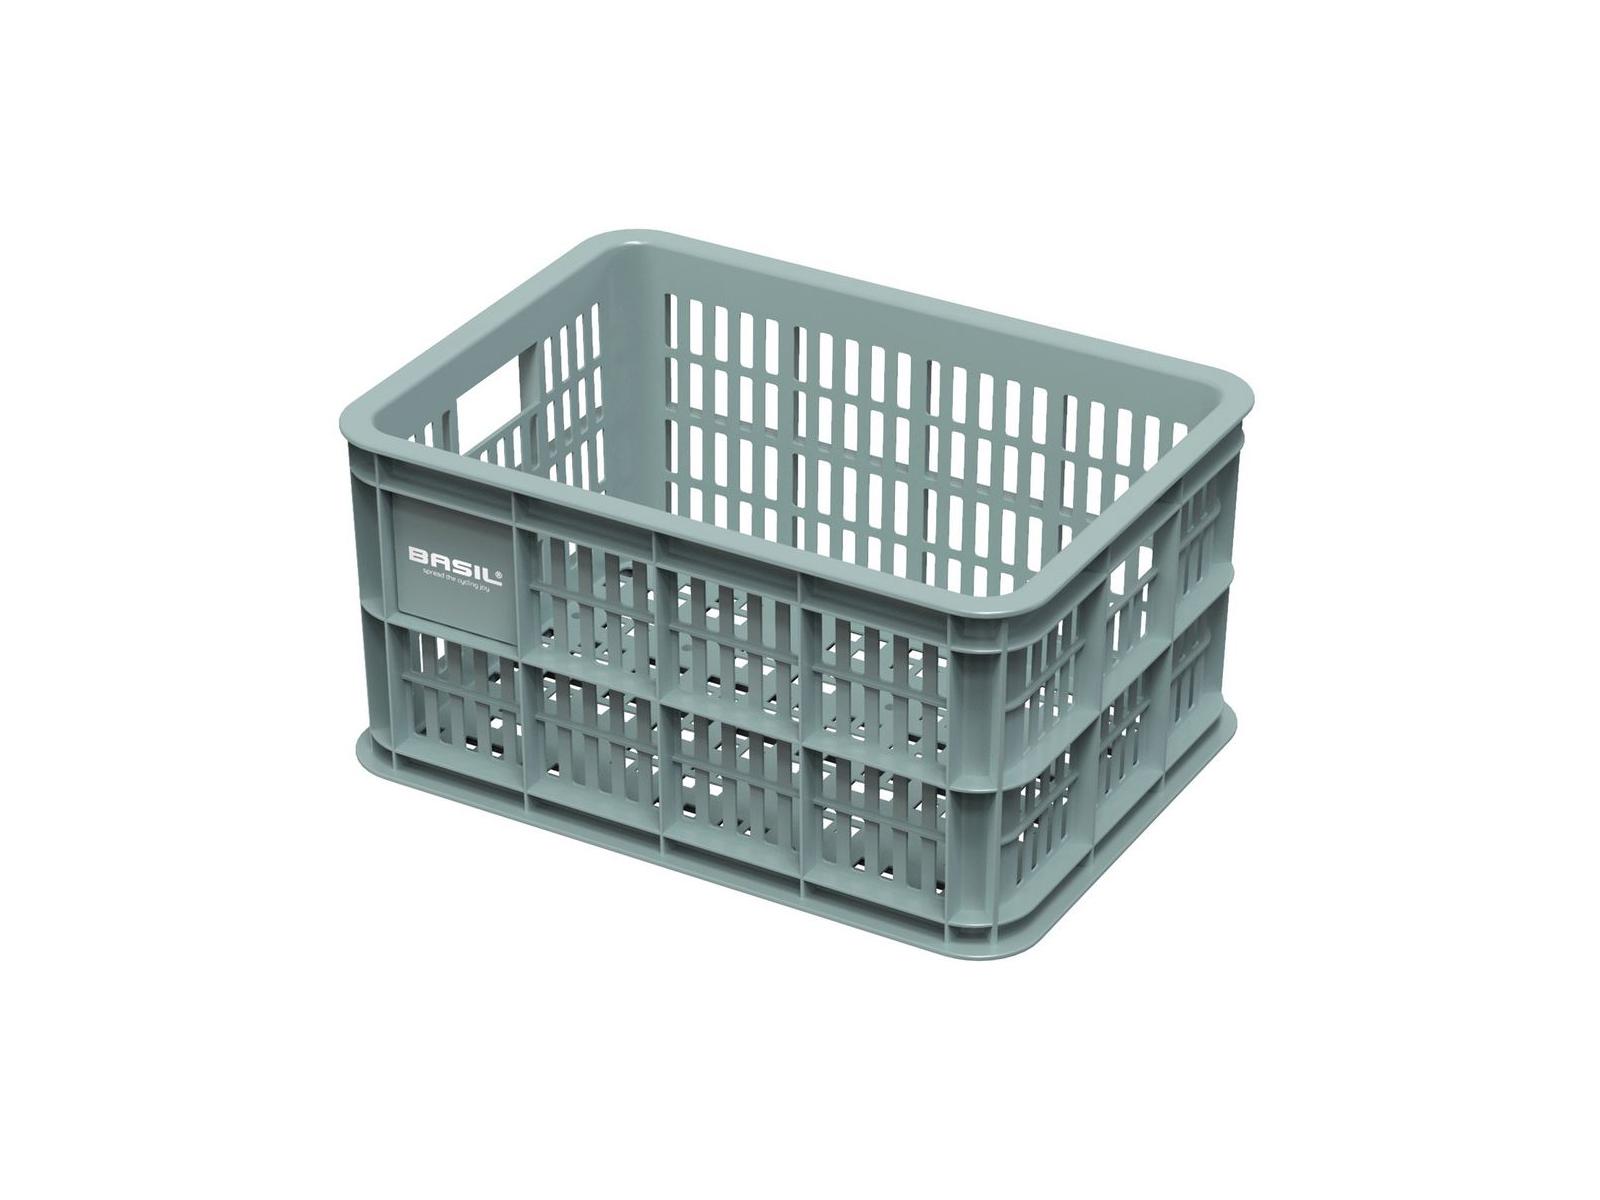 Picture of: Basil Crate S Plast Kurv Til Opbevaring Eller Bagagebaerer Seagrass Dkk 84 13